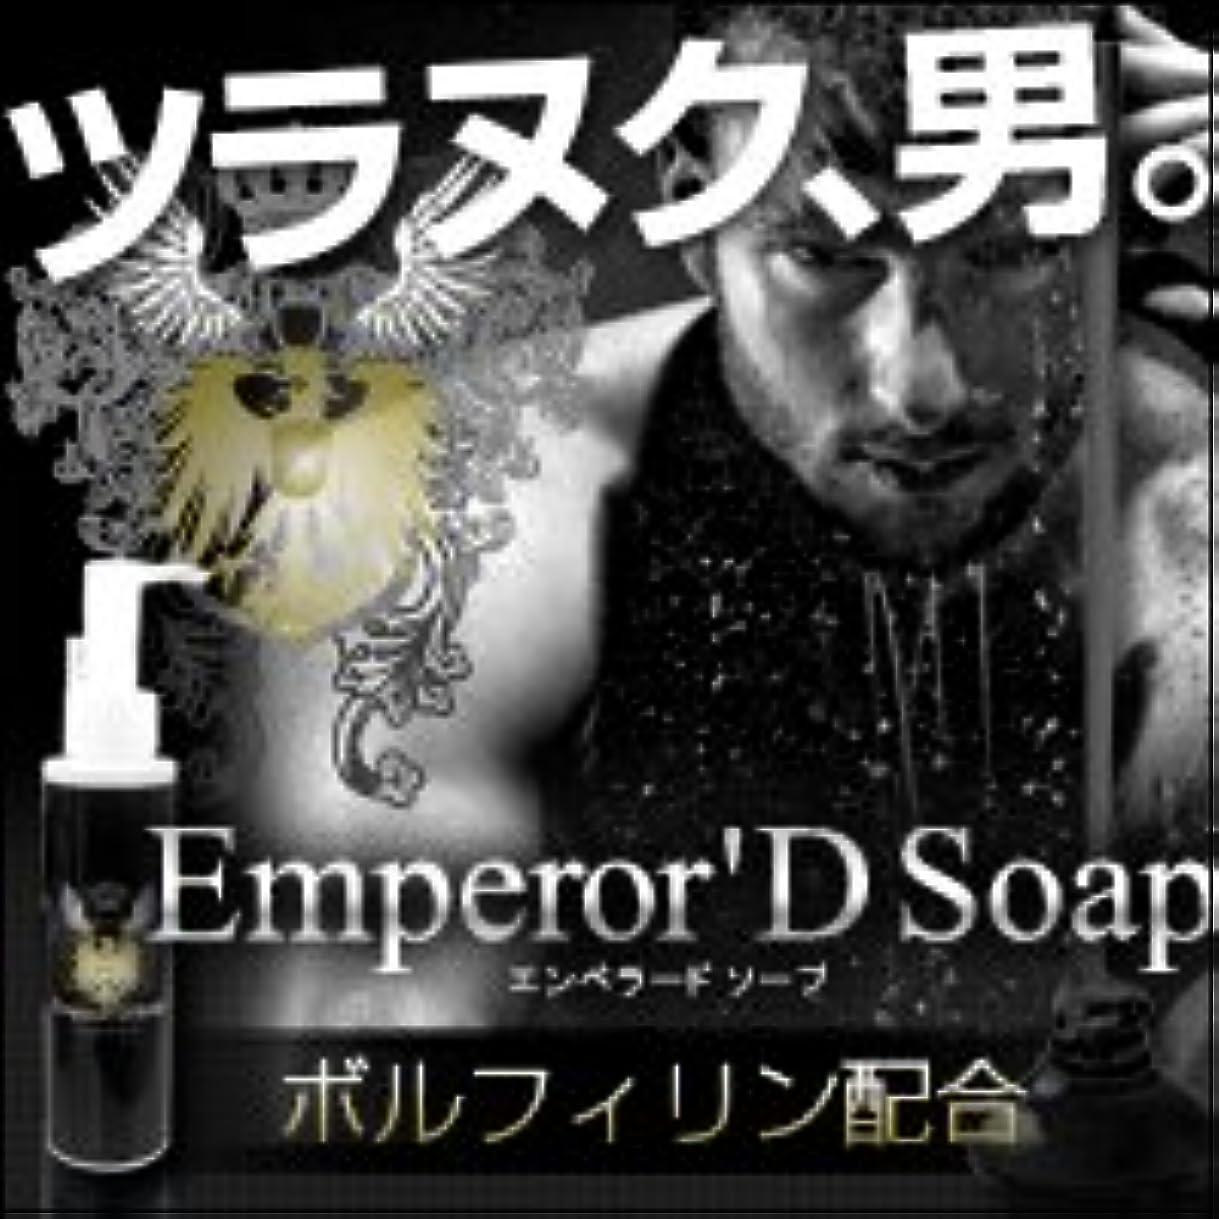 不機嫌大統合【Emperor'D Soap(エンペラードソープ)】ツラヌク男になる!!!